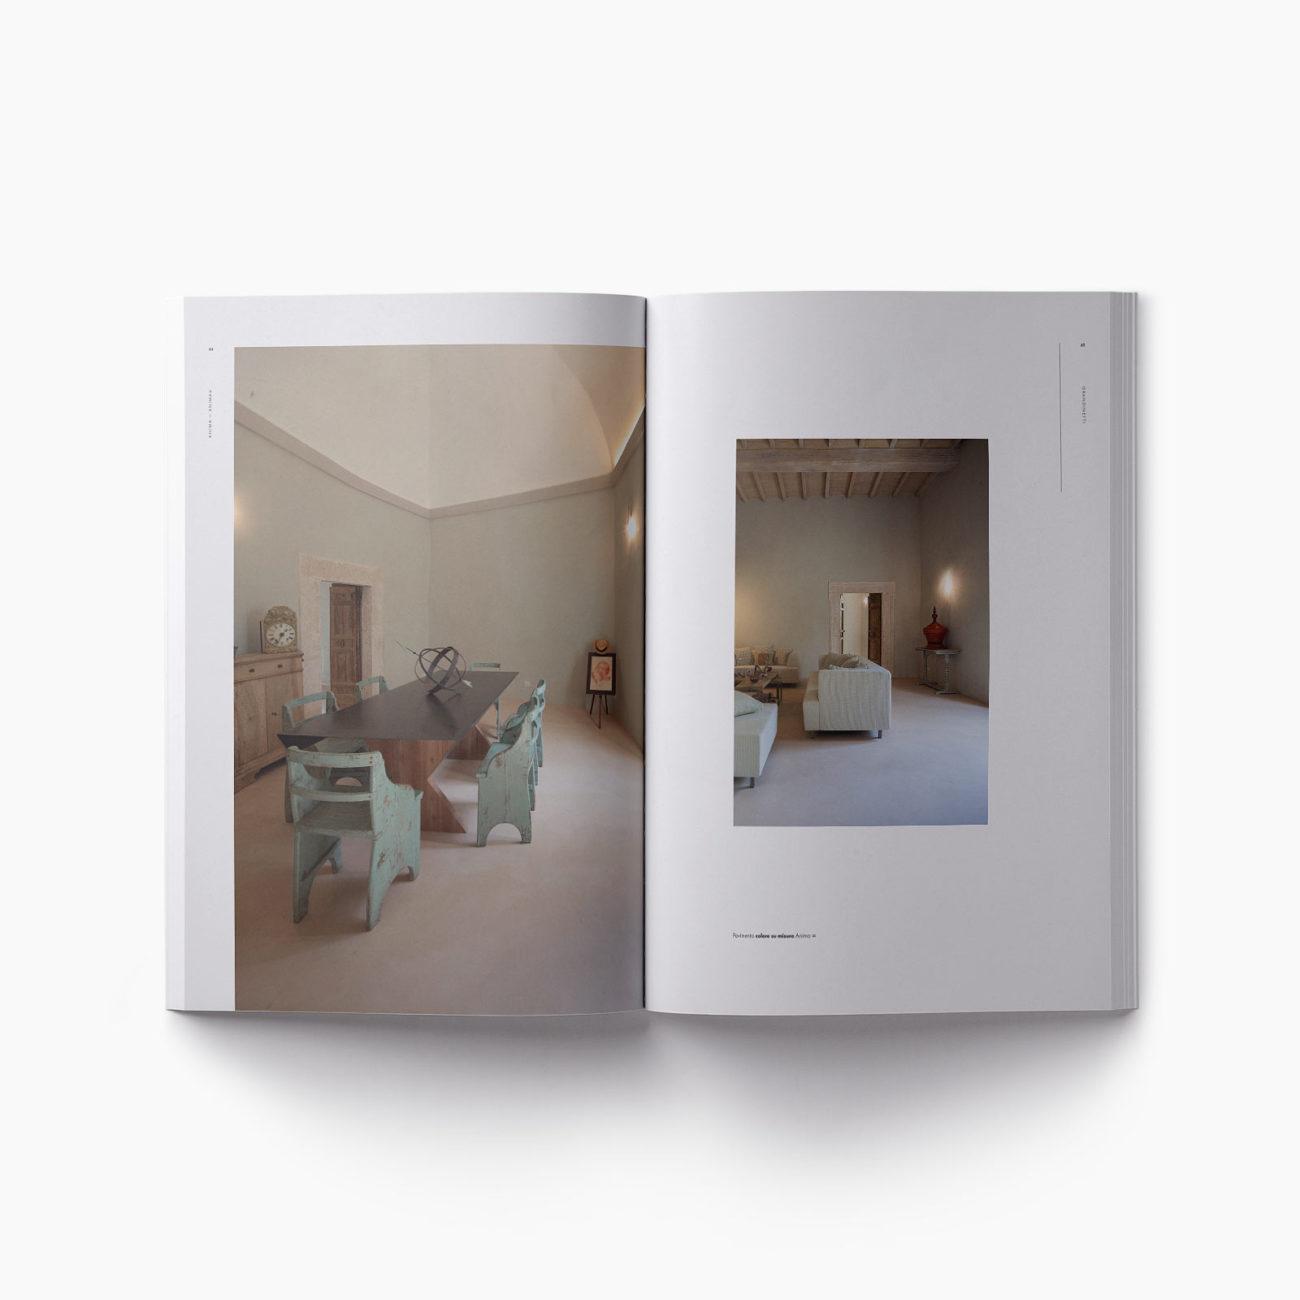 Immagini interno catalogo